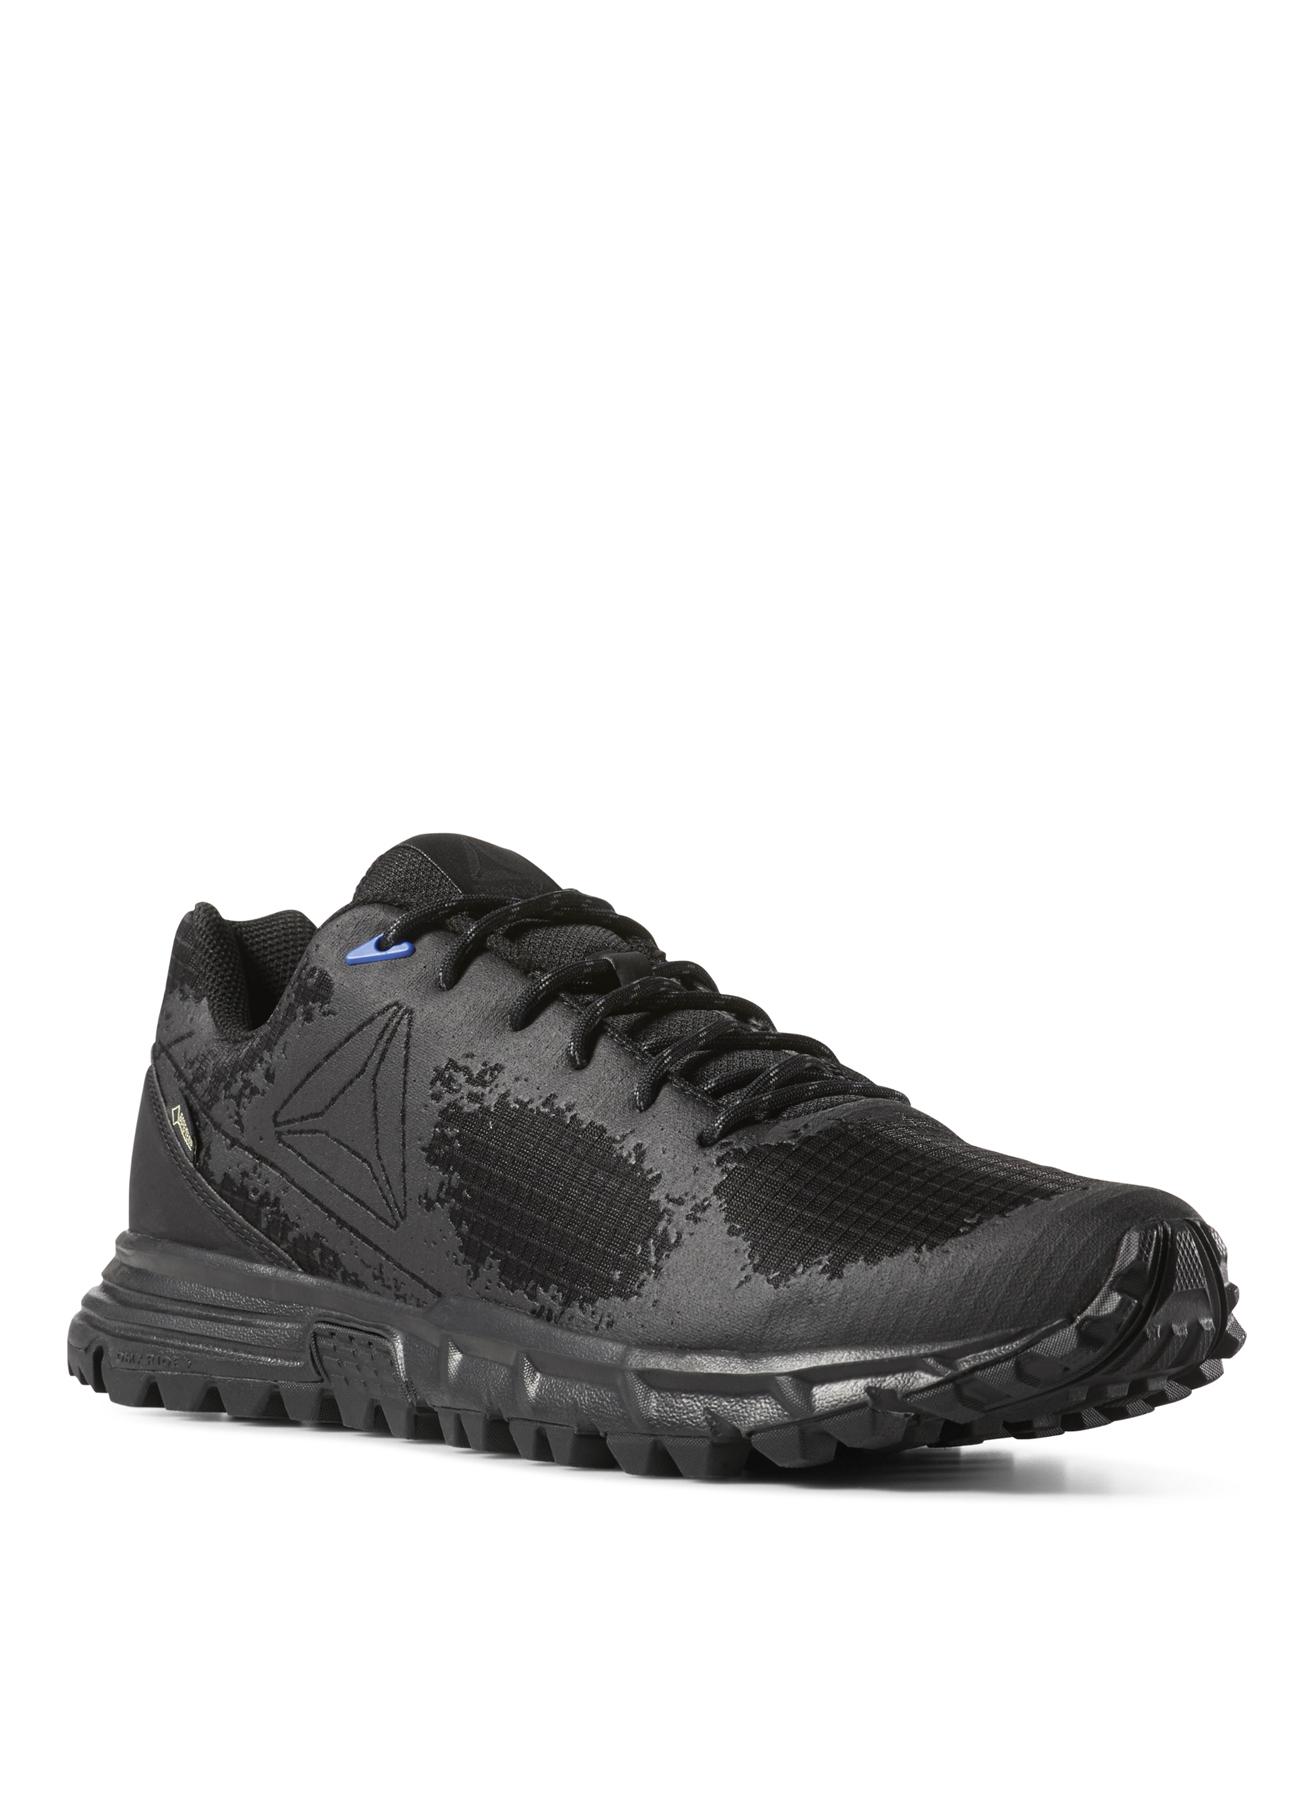 Reebok Outdoor Ayakkabısı 40 5002359702002 Ürün Resmi